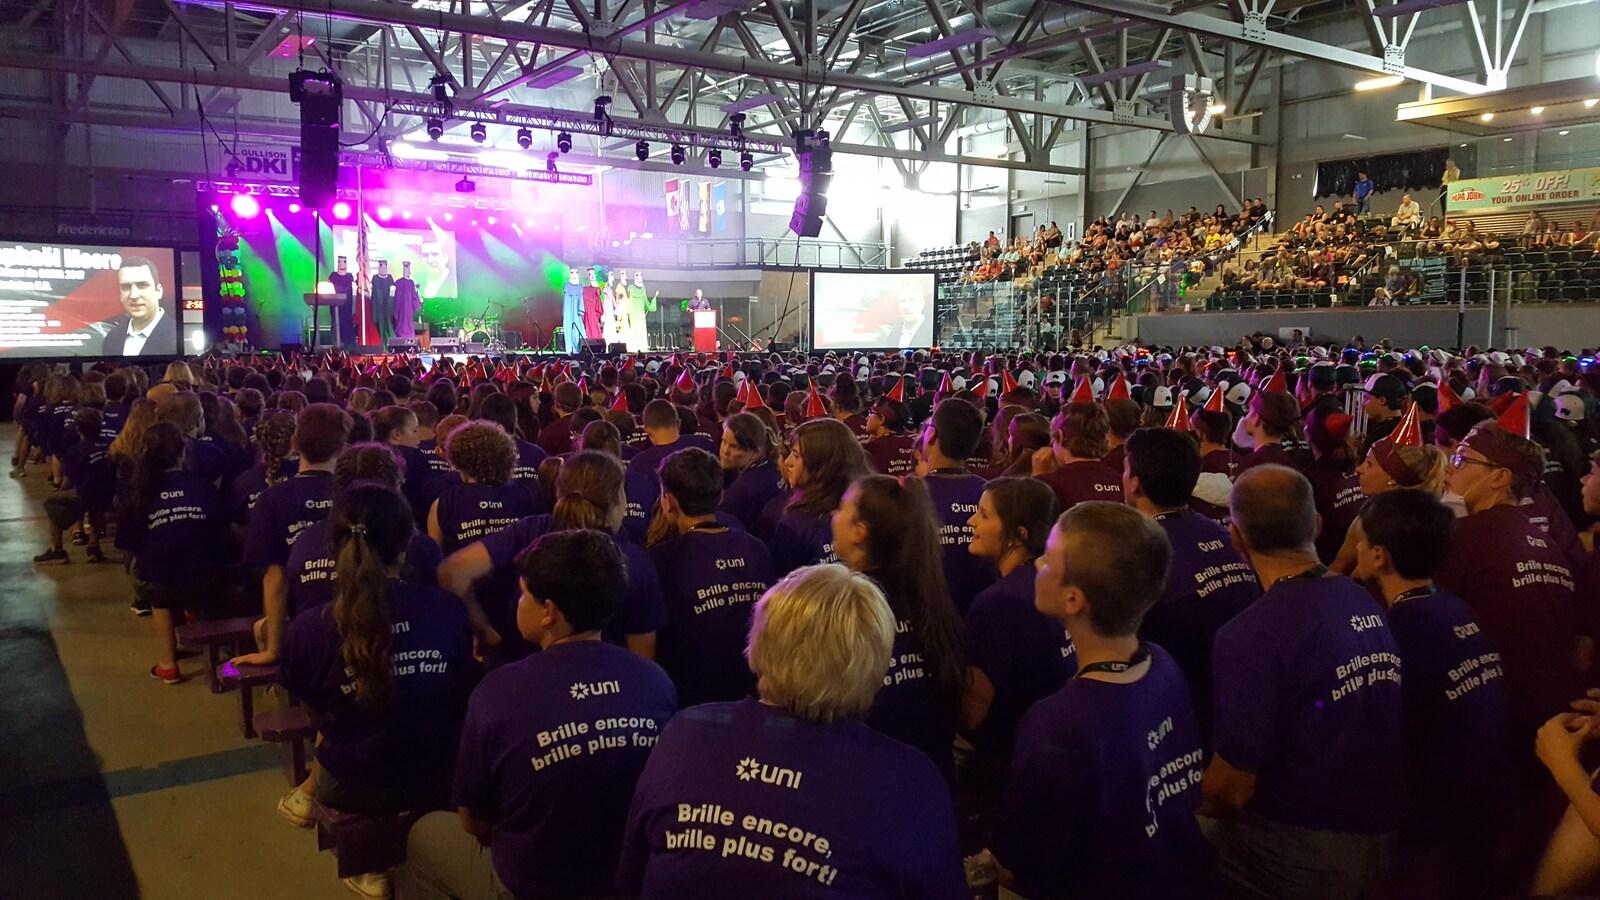 Les 1200 participants sont réunis au Centre Grant-Harvey, à Fredericton pour la cérémonie de clôture des Jeux de l'Acadie 2017.